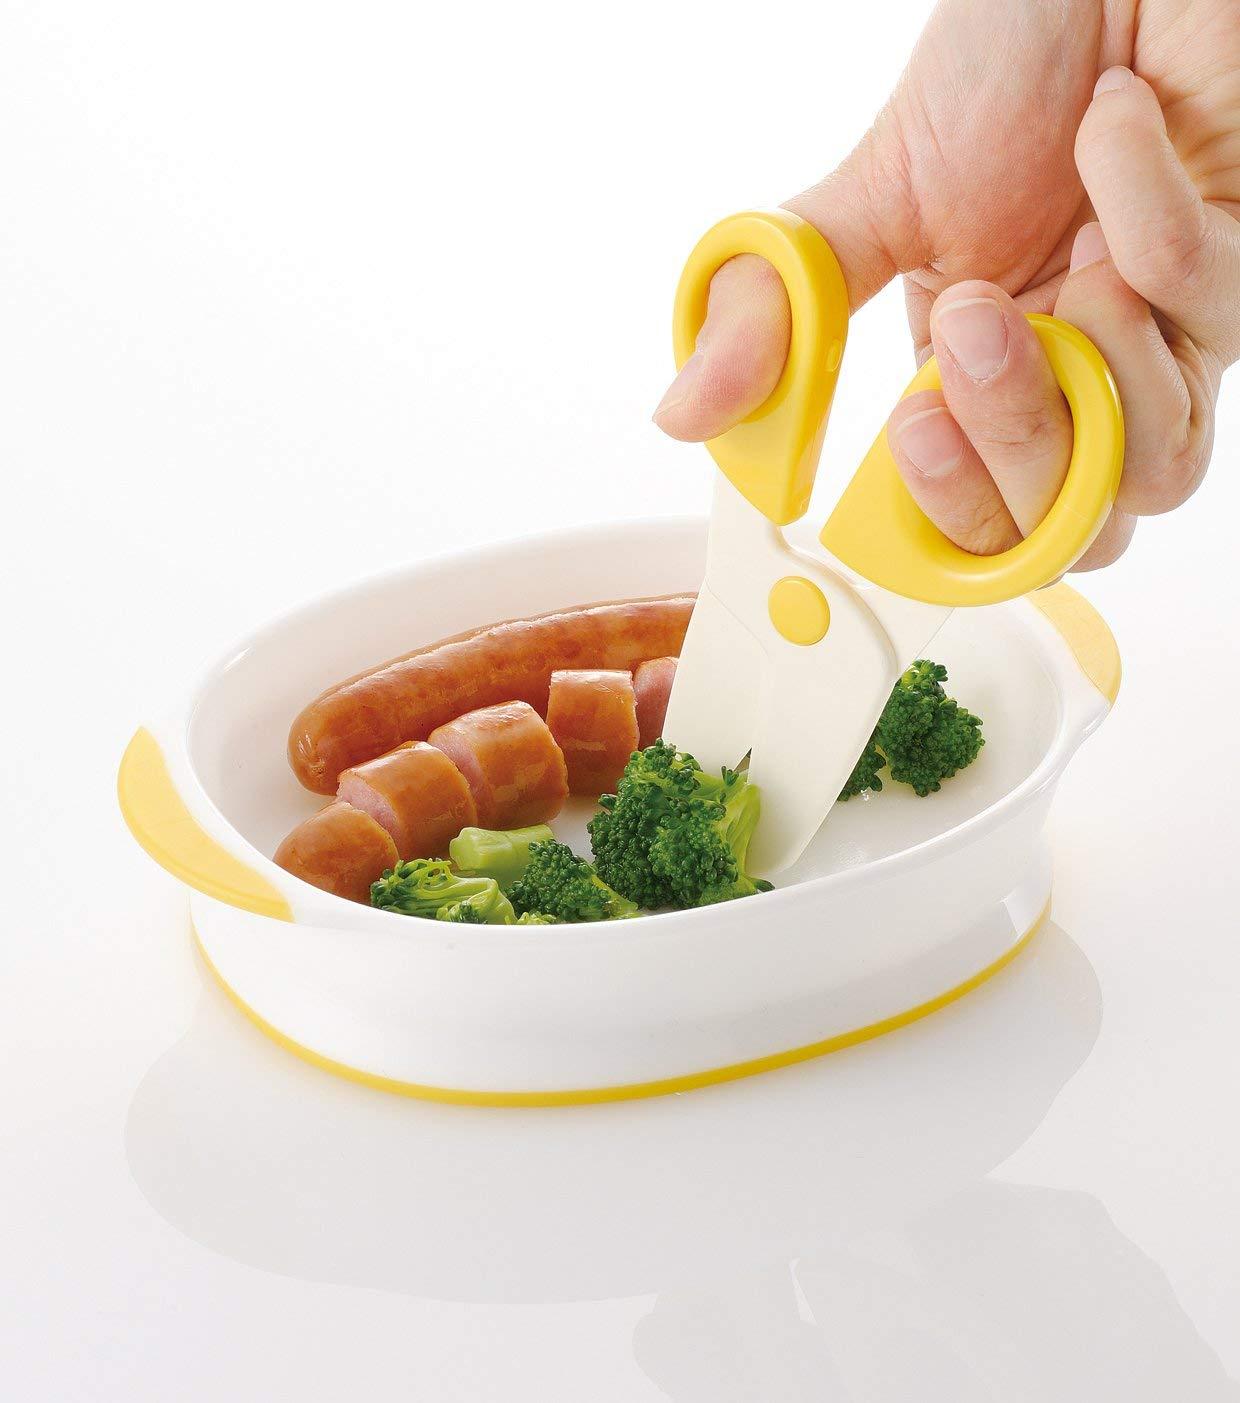 離乳食カッターのおすすめ3選&選び方【外食時に便利】